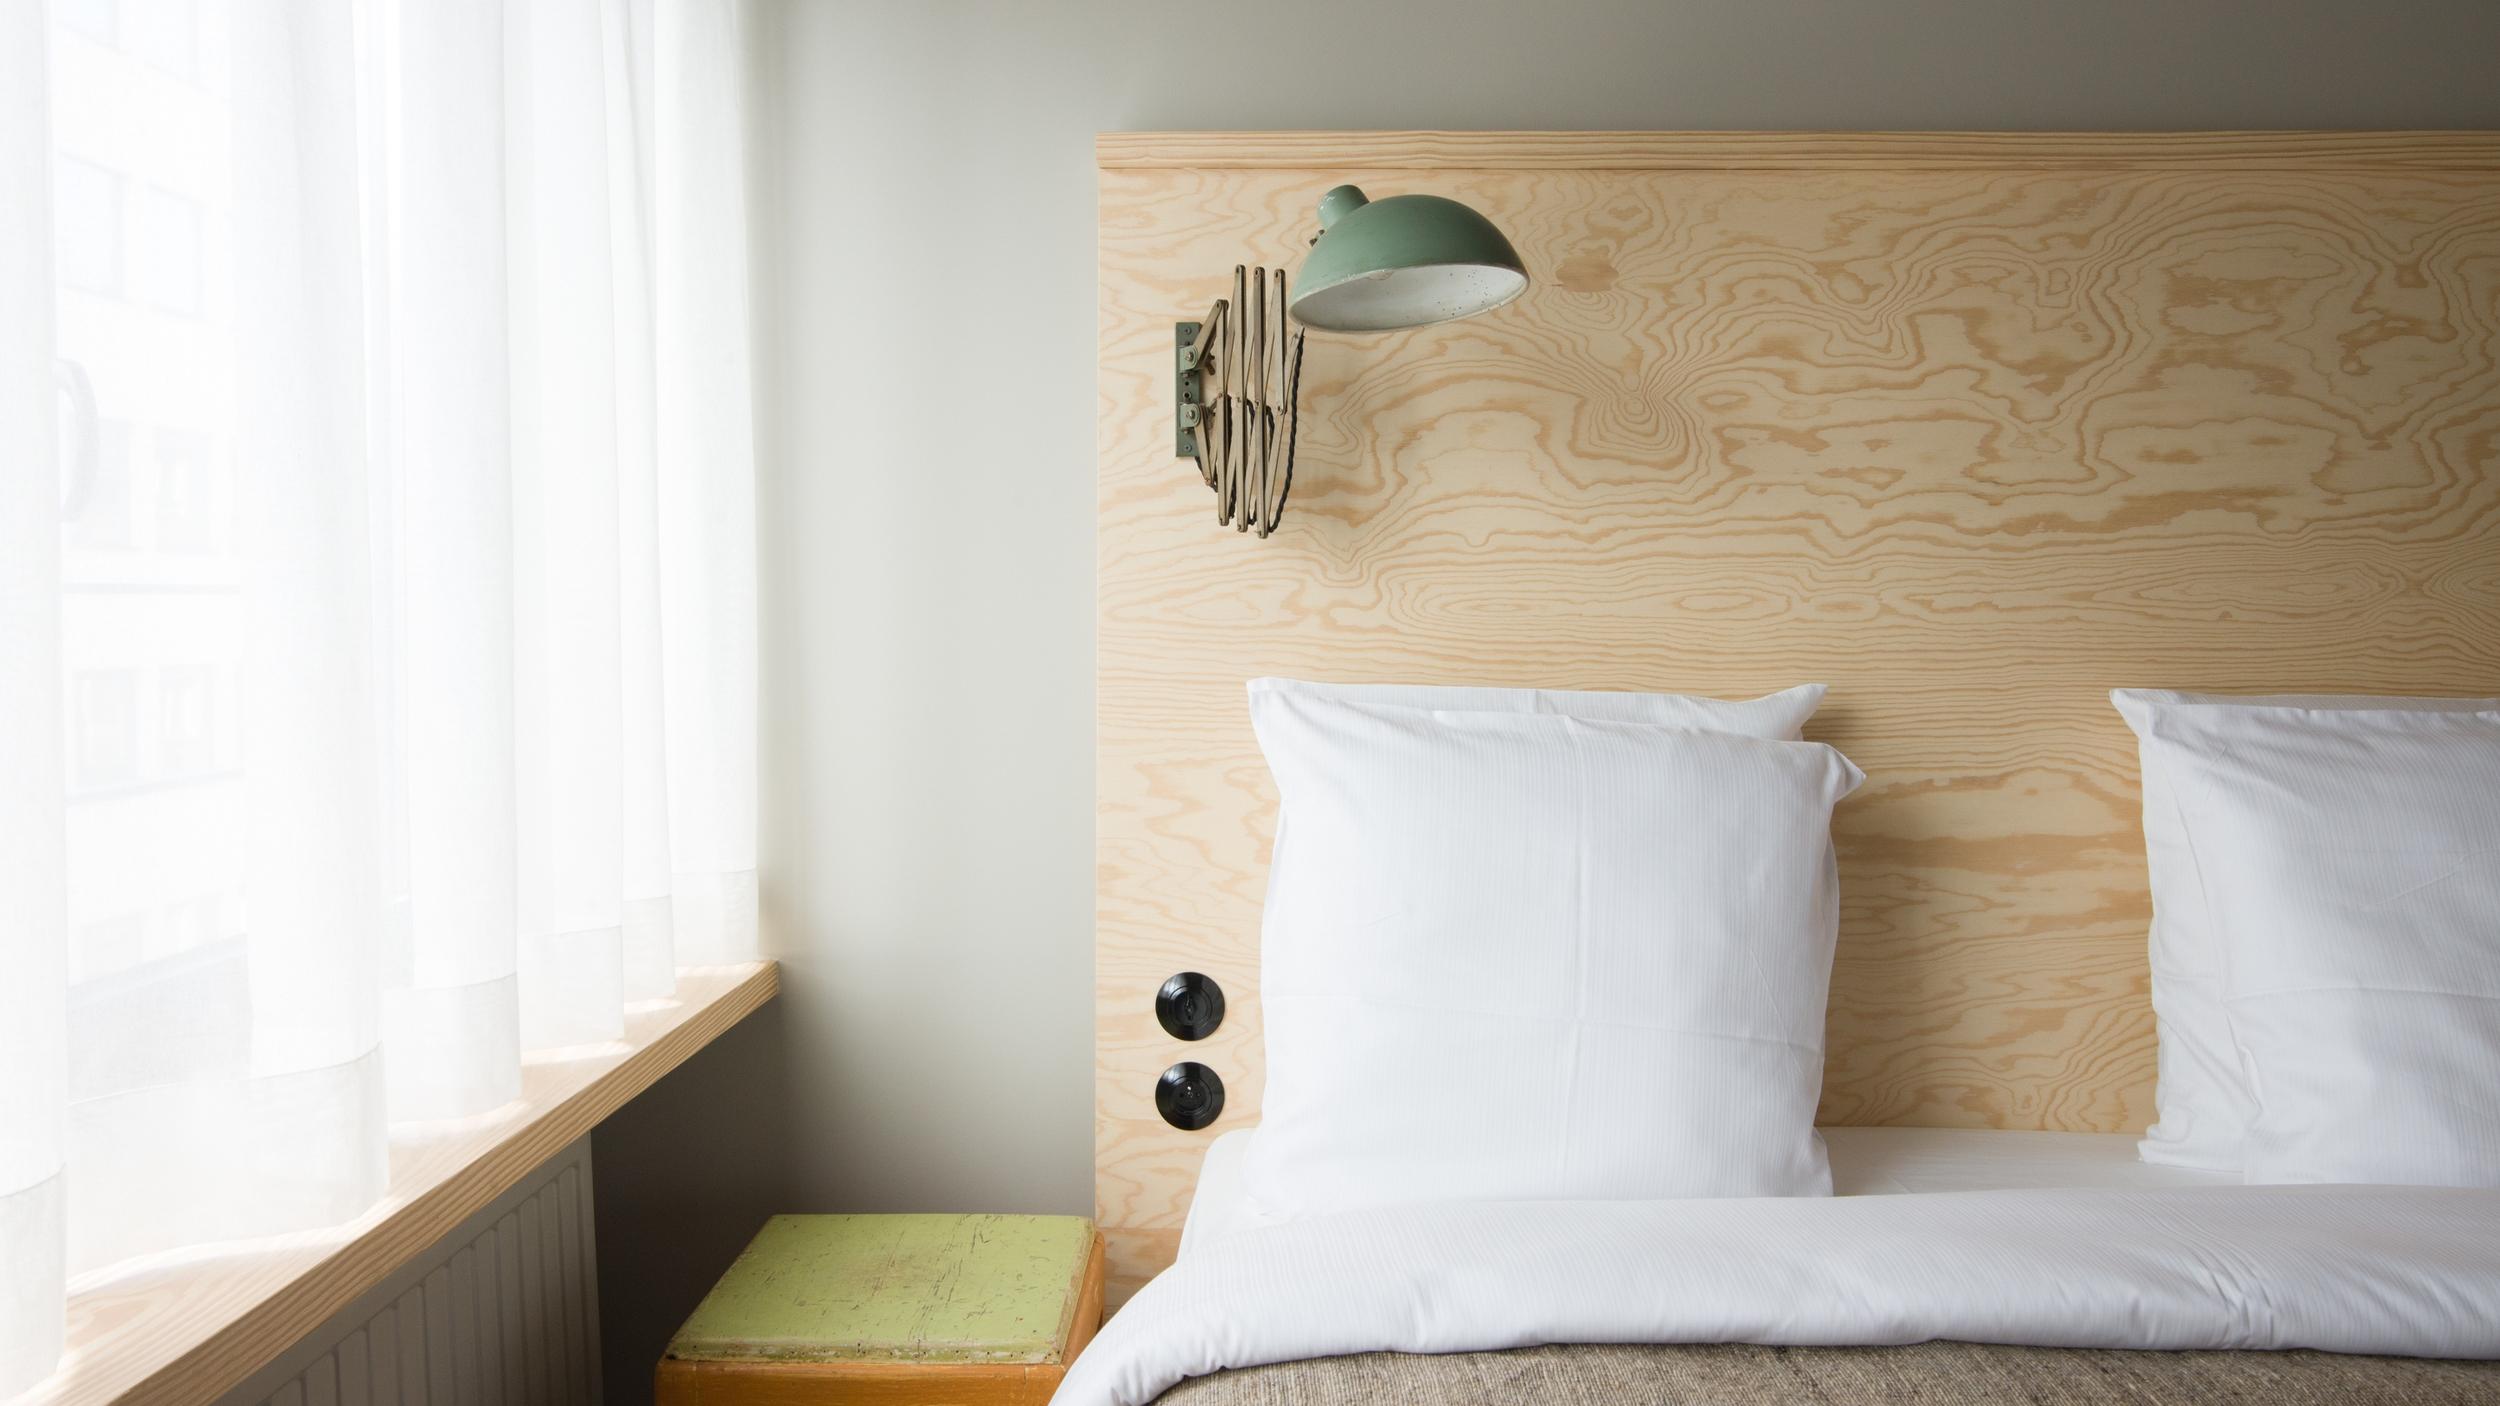 jam-hotel-brussels-rooms-ultra-room-01.jpg